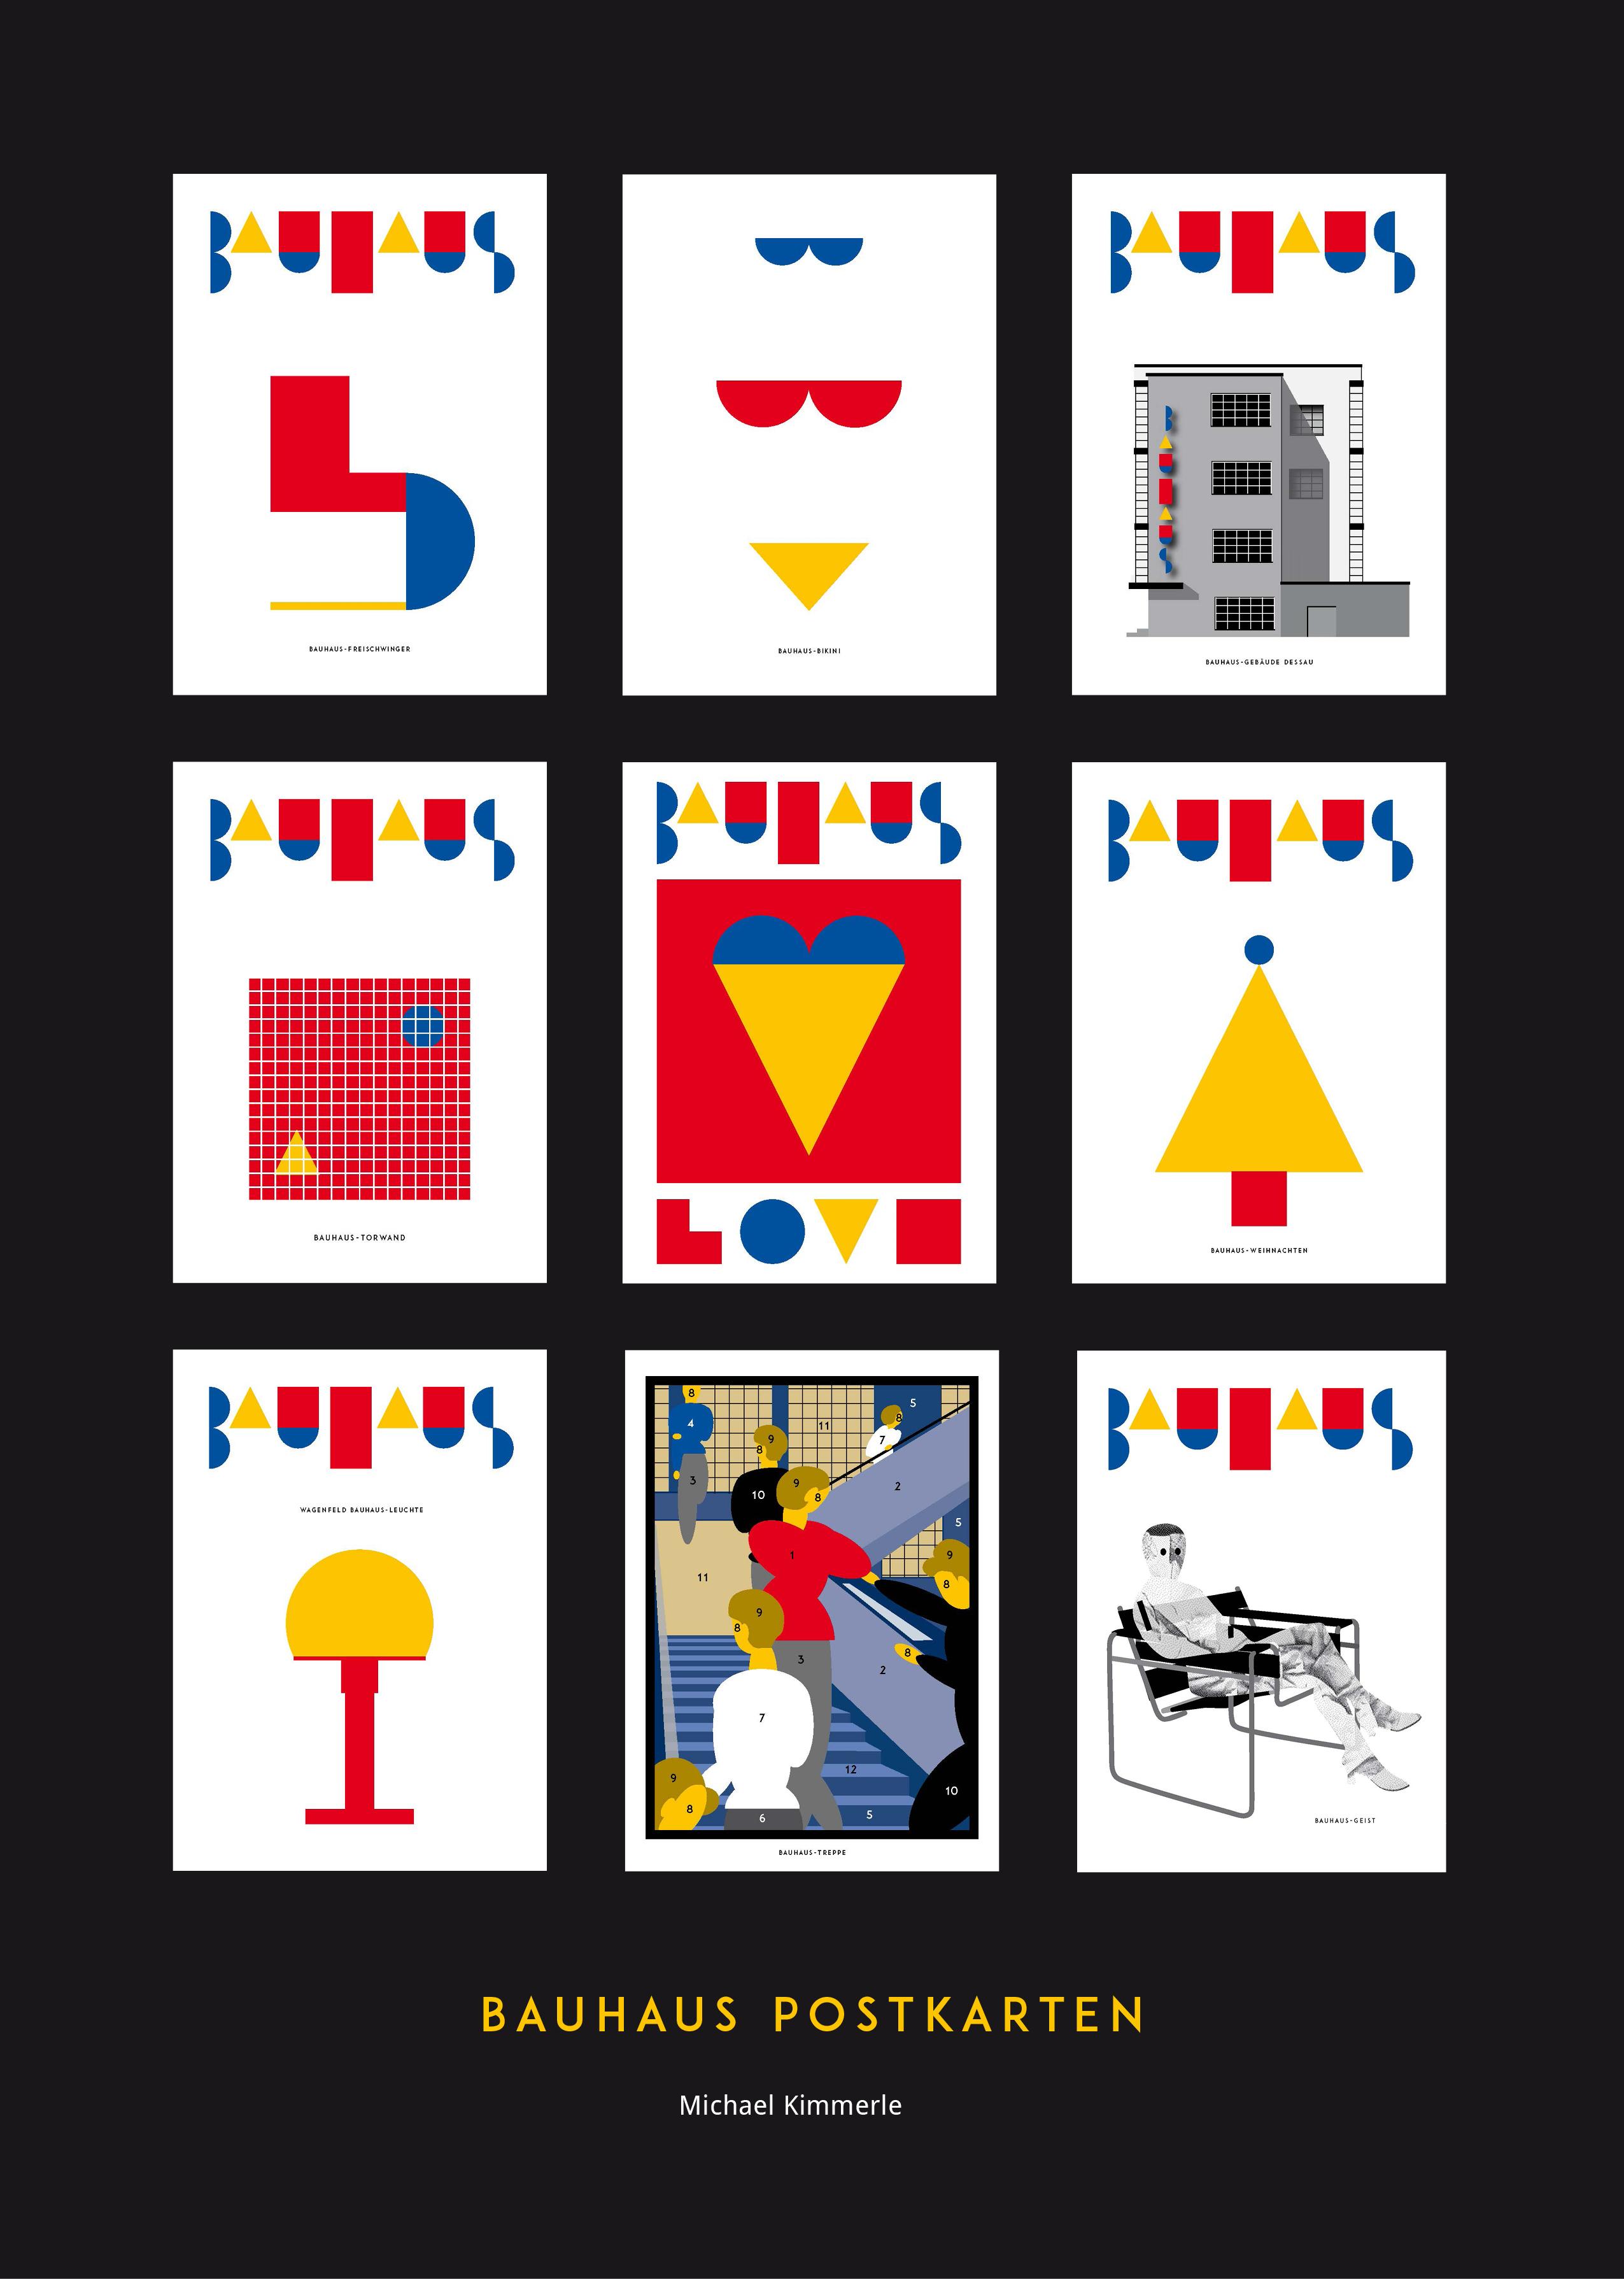 Plakat Bauhaus Postkarten